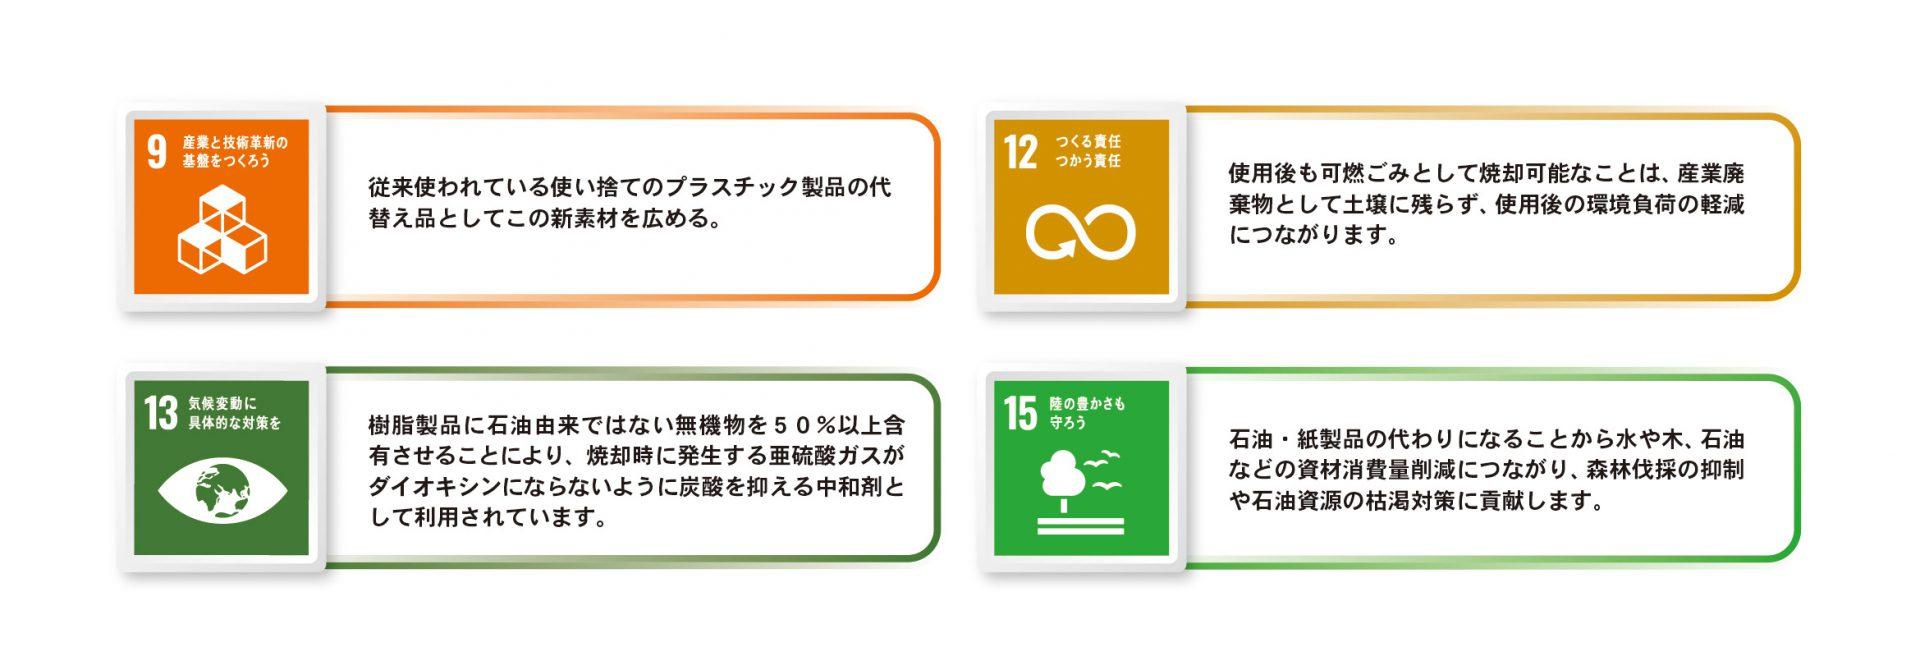 島田商事のSDGS